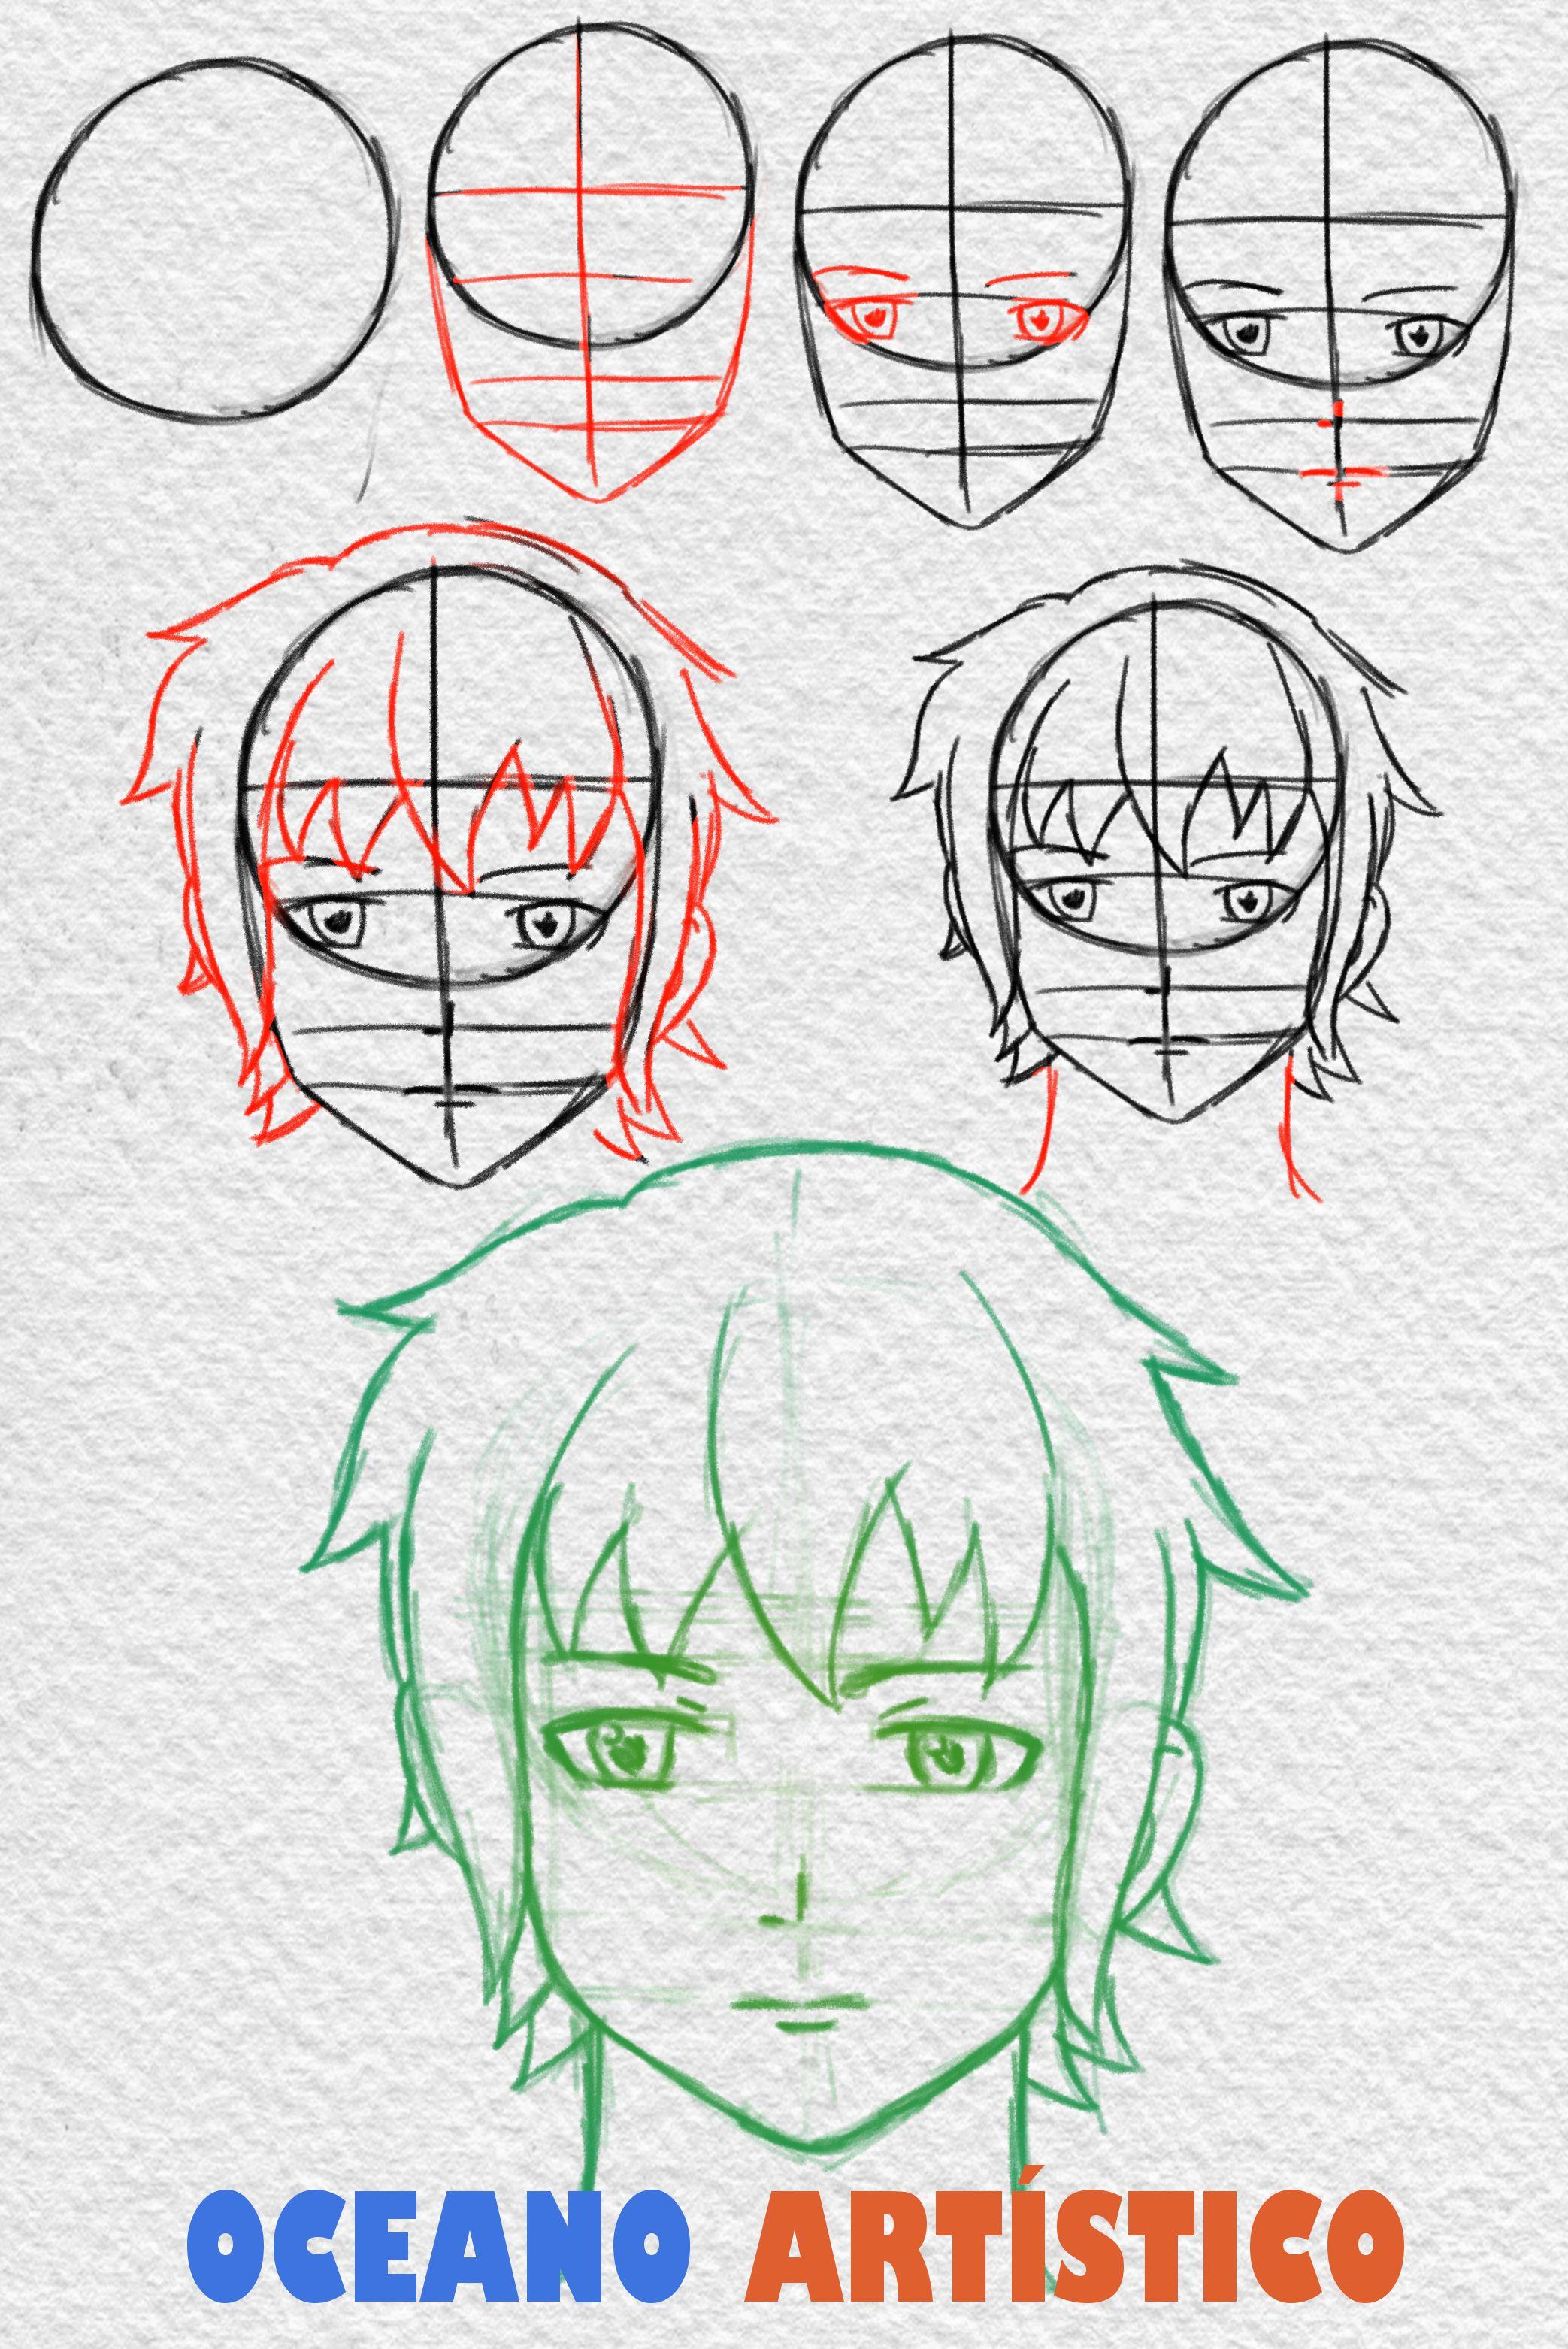 Como Desenhar Rosto De Anime Masculino De Frente Passo A Passo Desenhos De Rostos Desenho De Rosto Tutoriais De Desenho De Rostos